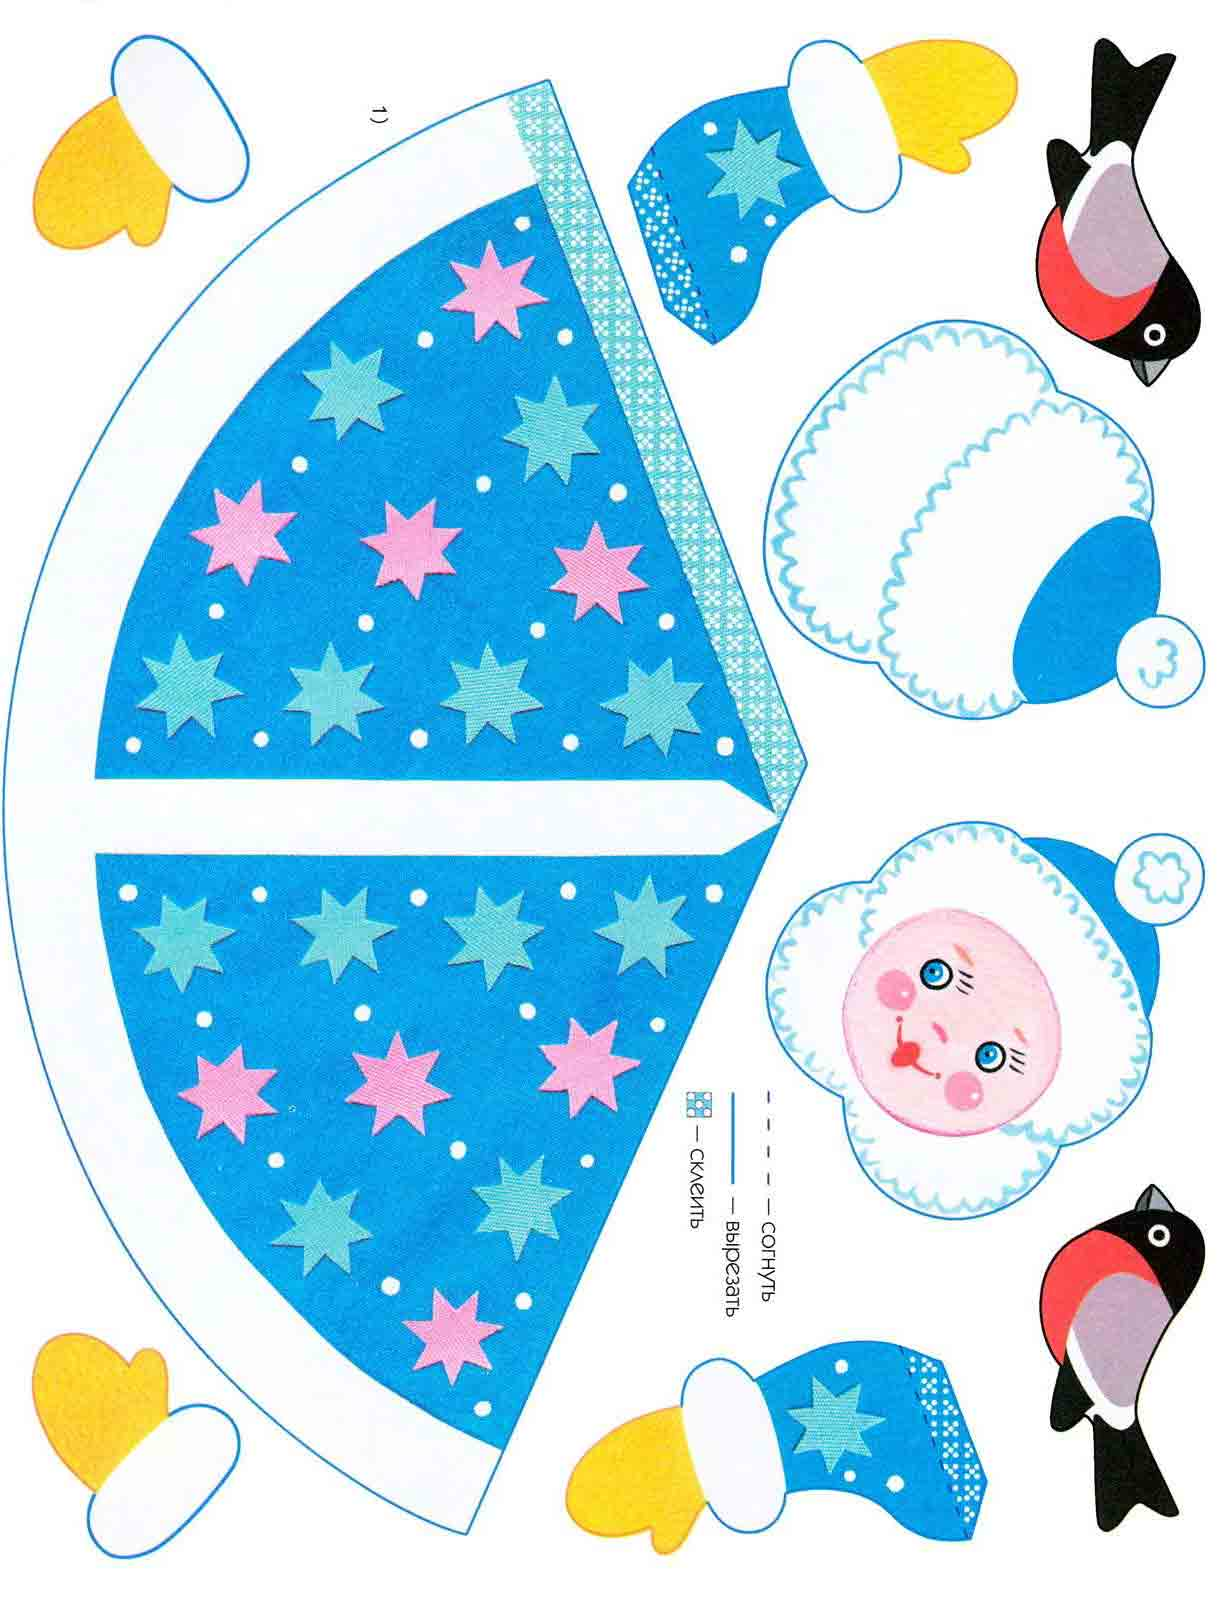 Дед Мороз и Снегурочка, детская поделка из бумаги